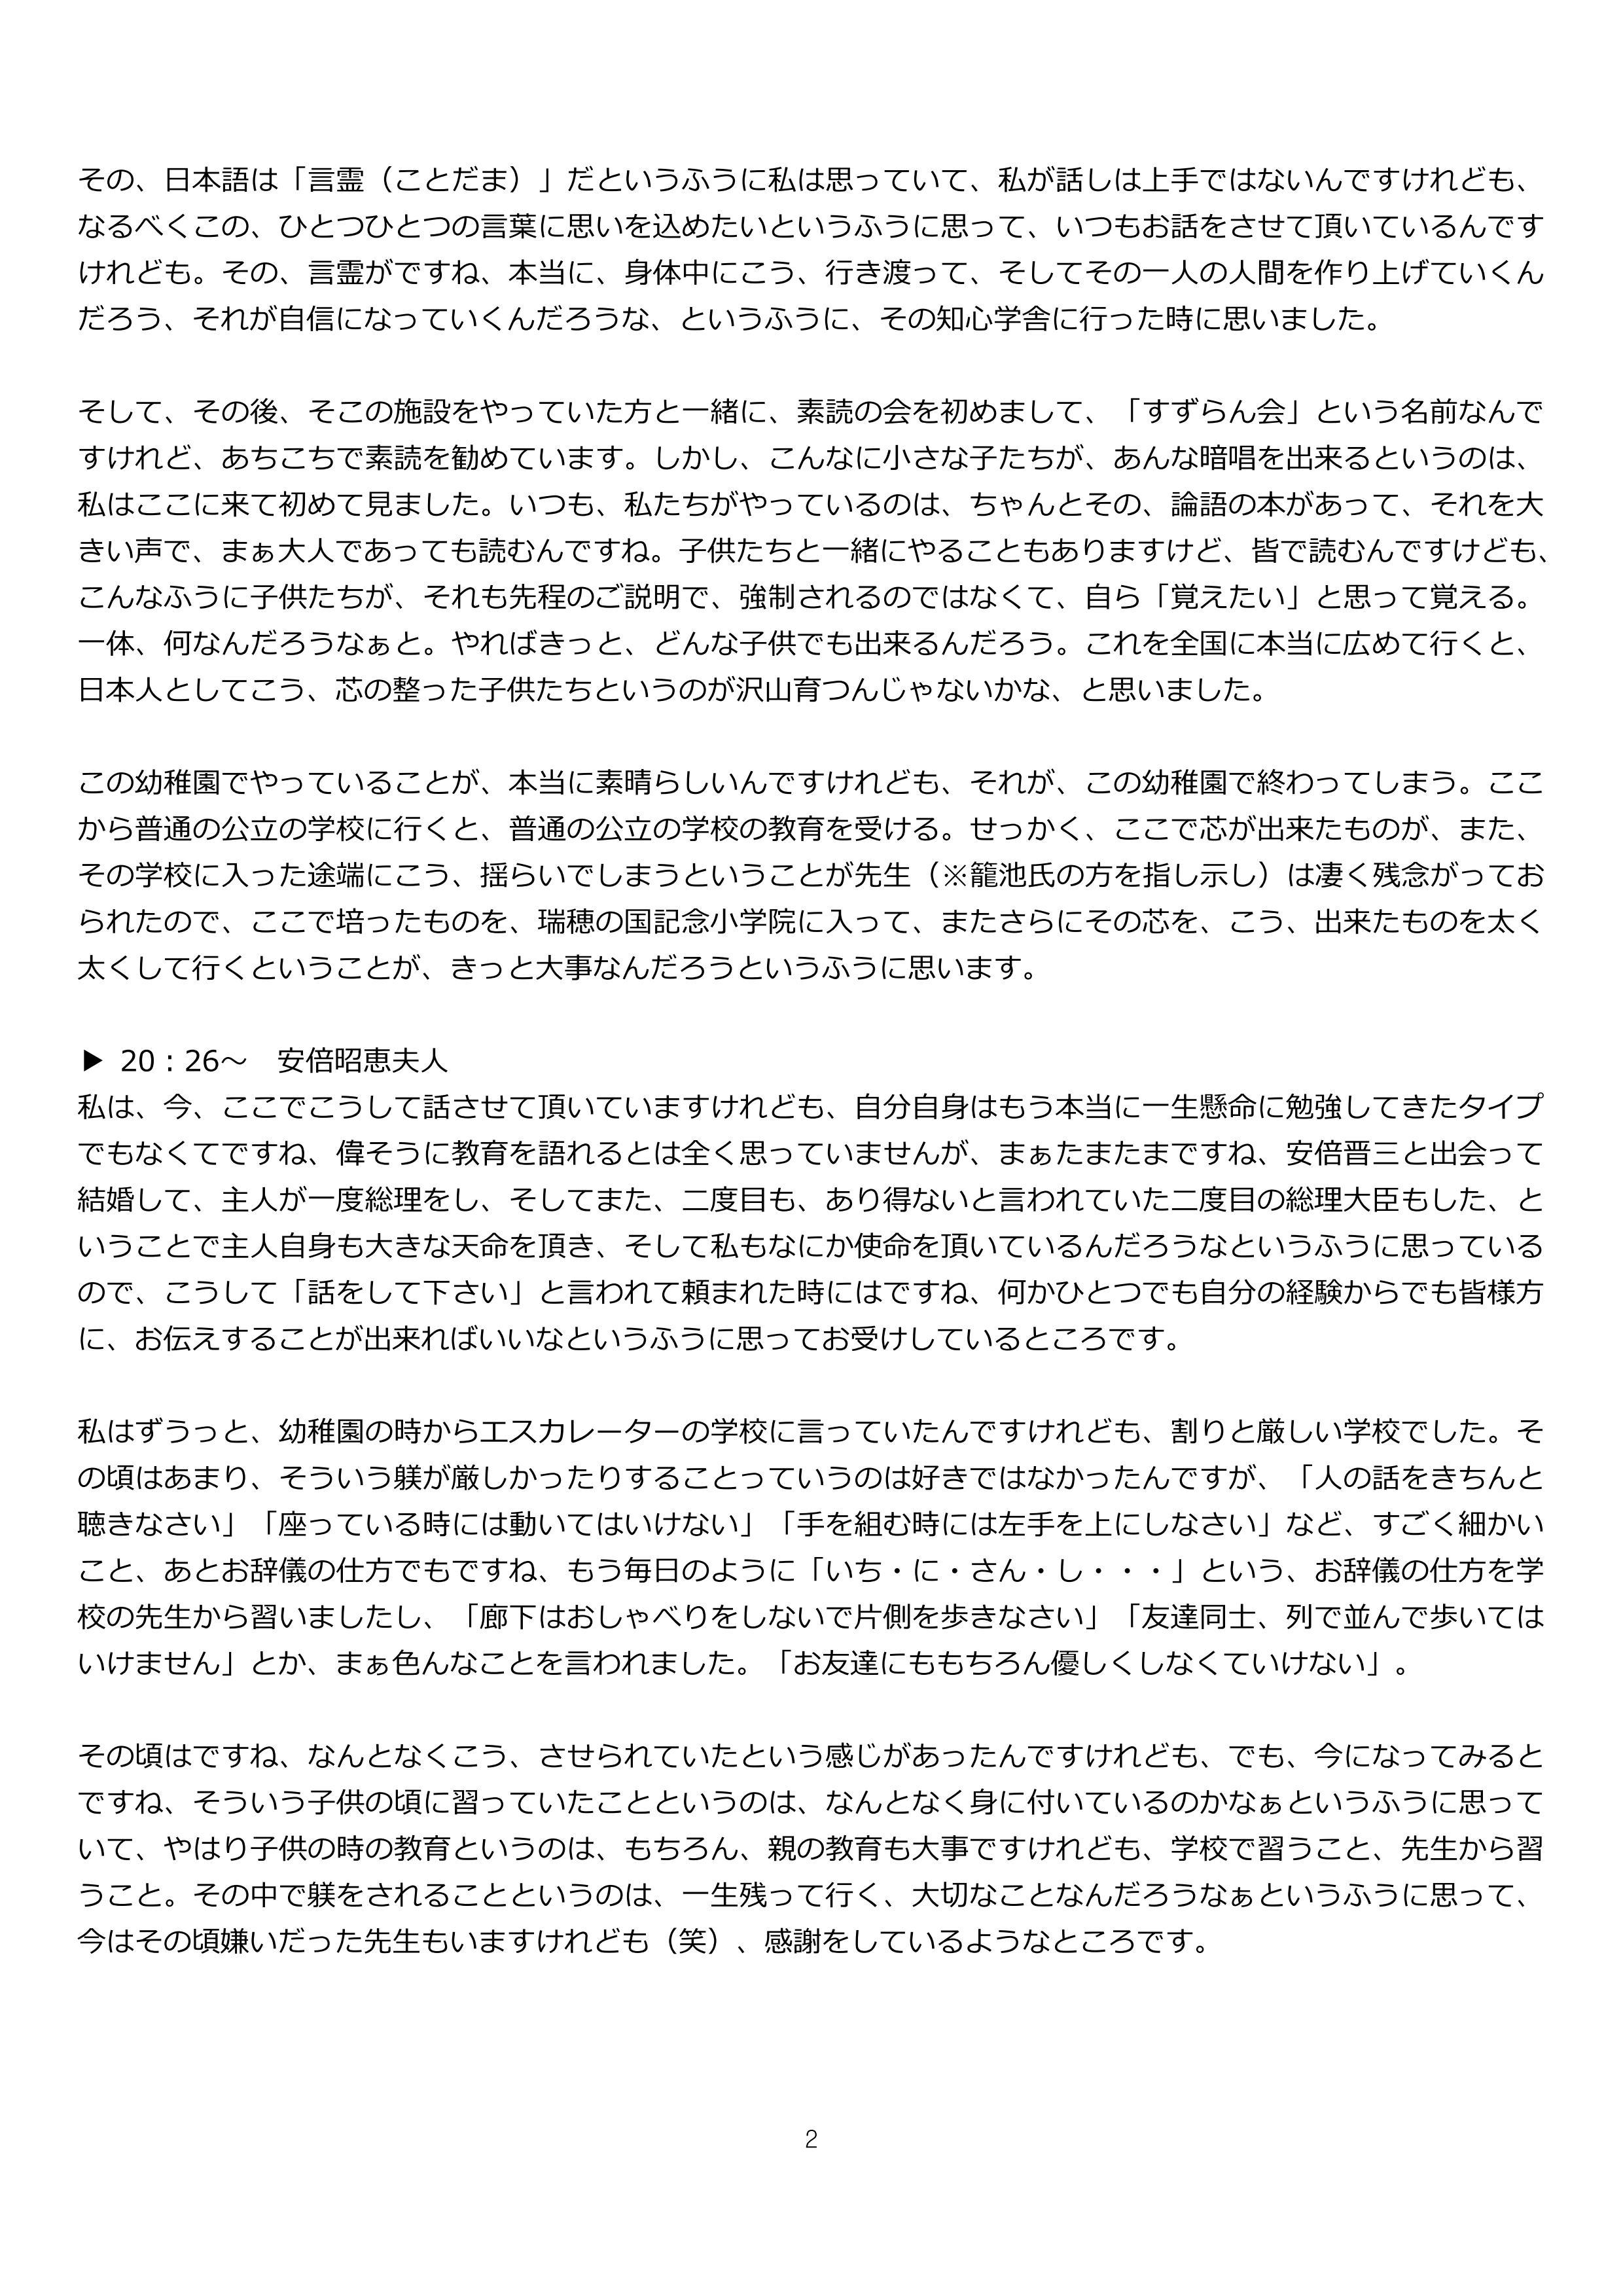 20150905_塚本幼稚園内講演会 (1) (1)_02